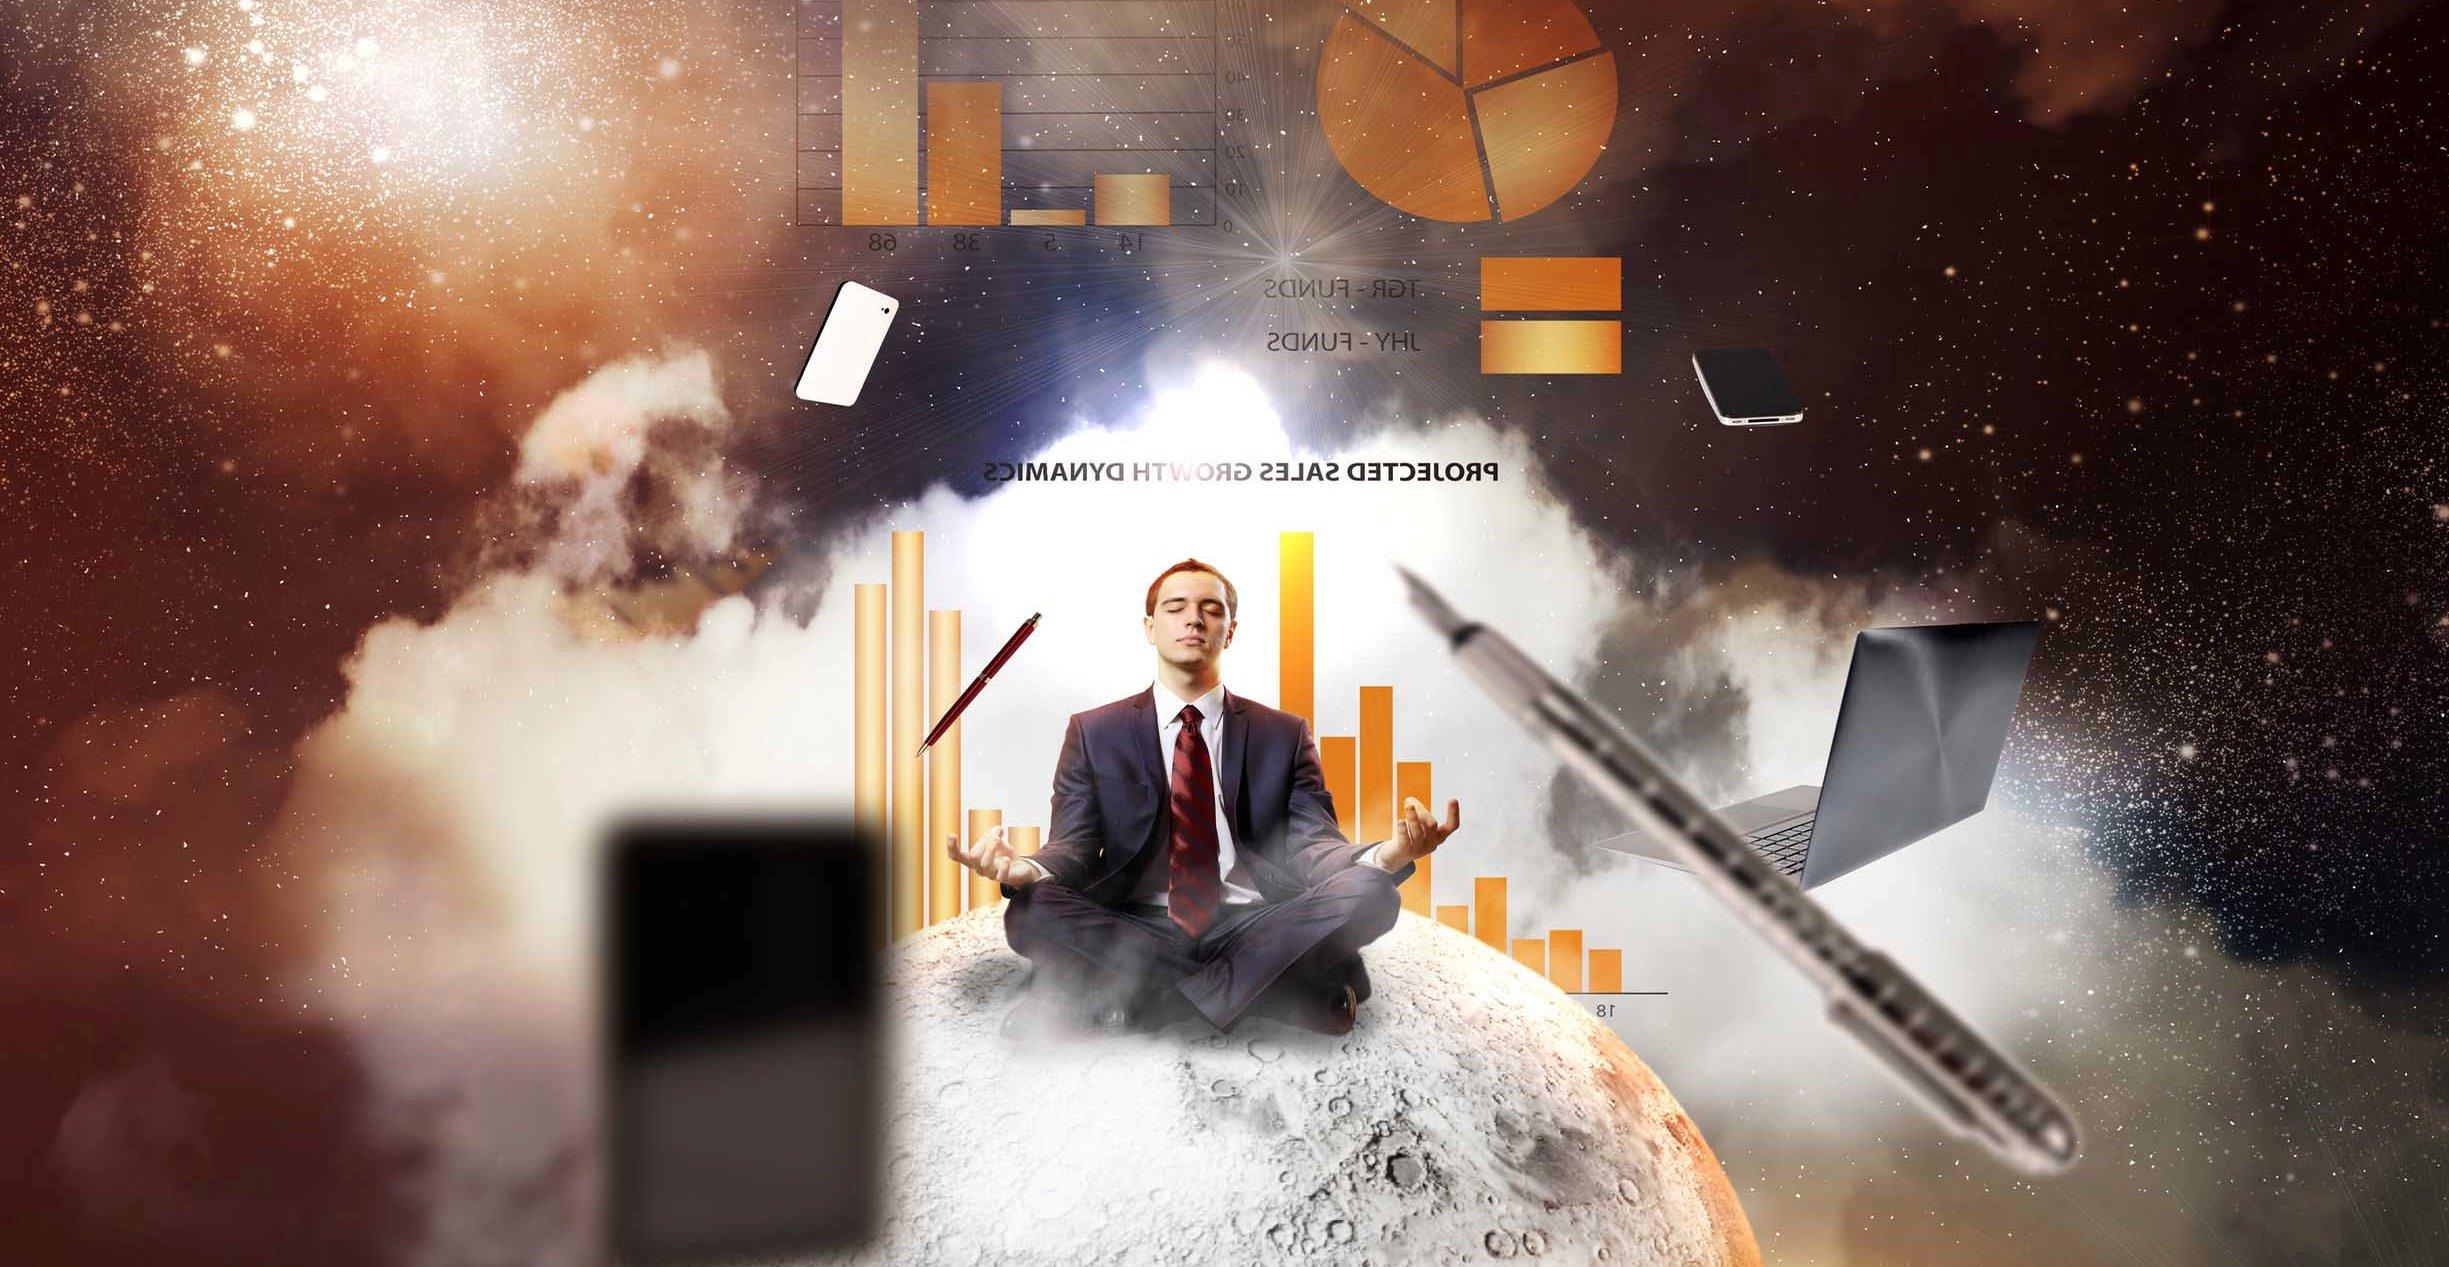 Як не зупинятися бізнесу в умовах карантину програма для бухгалтерського обліку БукКіпер